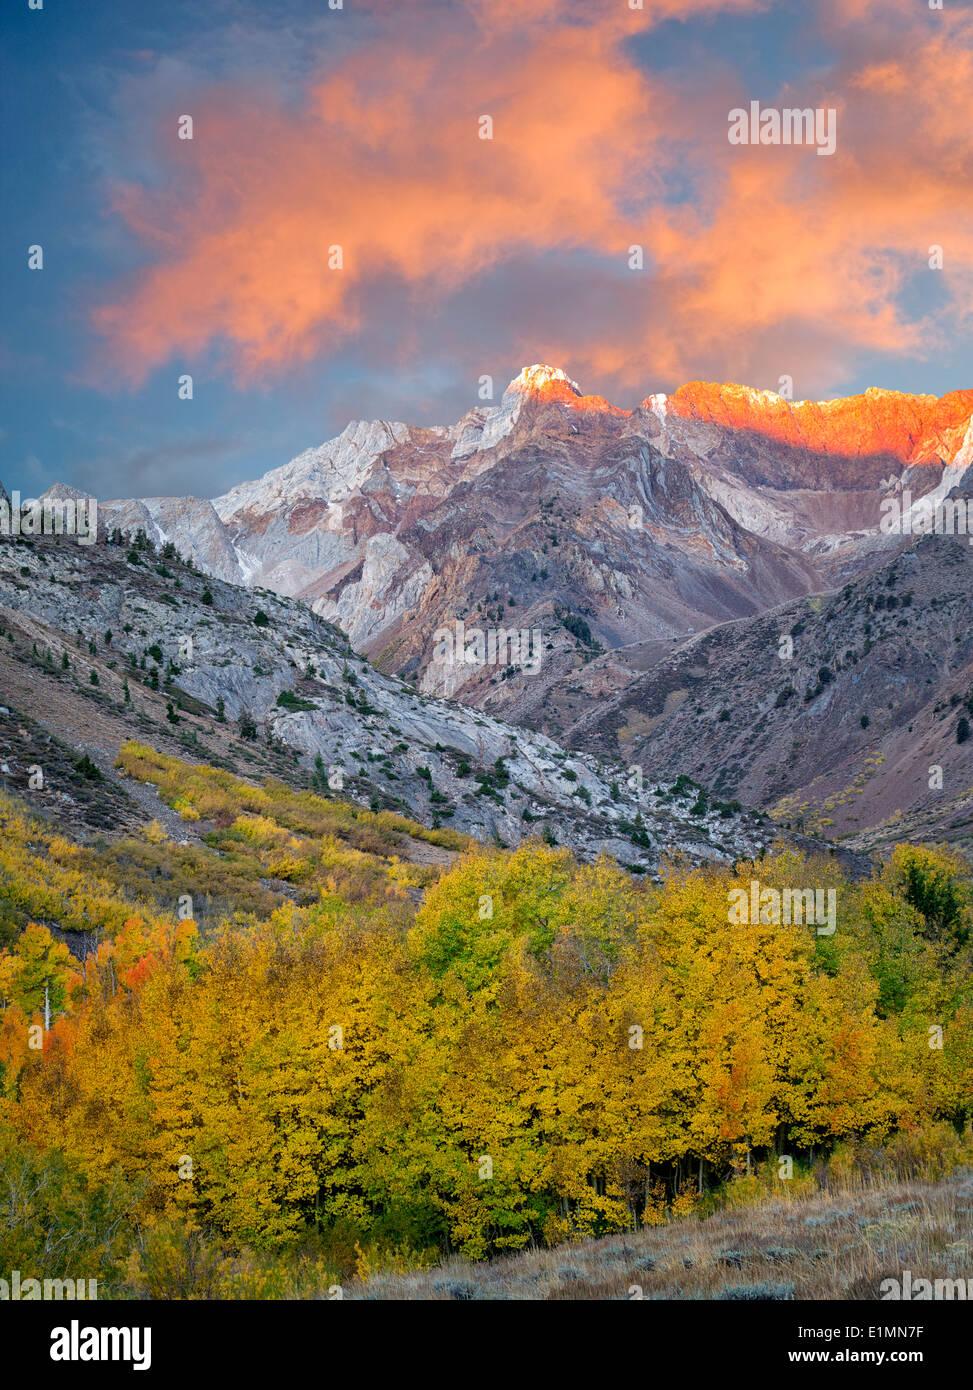 Mcgee Creek con drenaje de color otoño álamos y árboles de Aspen. La parte oriental de Sierra Nevada Mountains, California Imagen De Stock